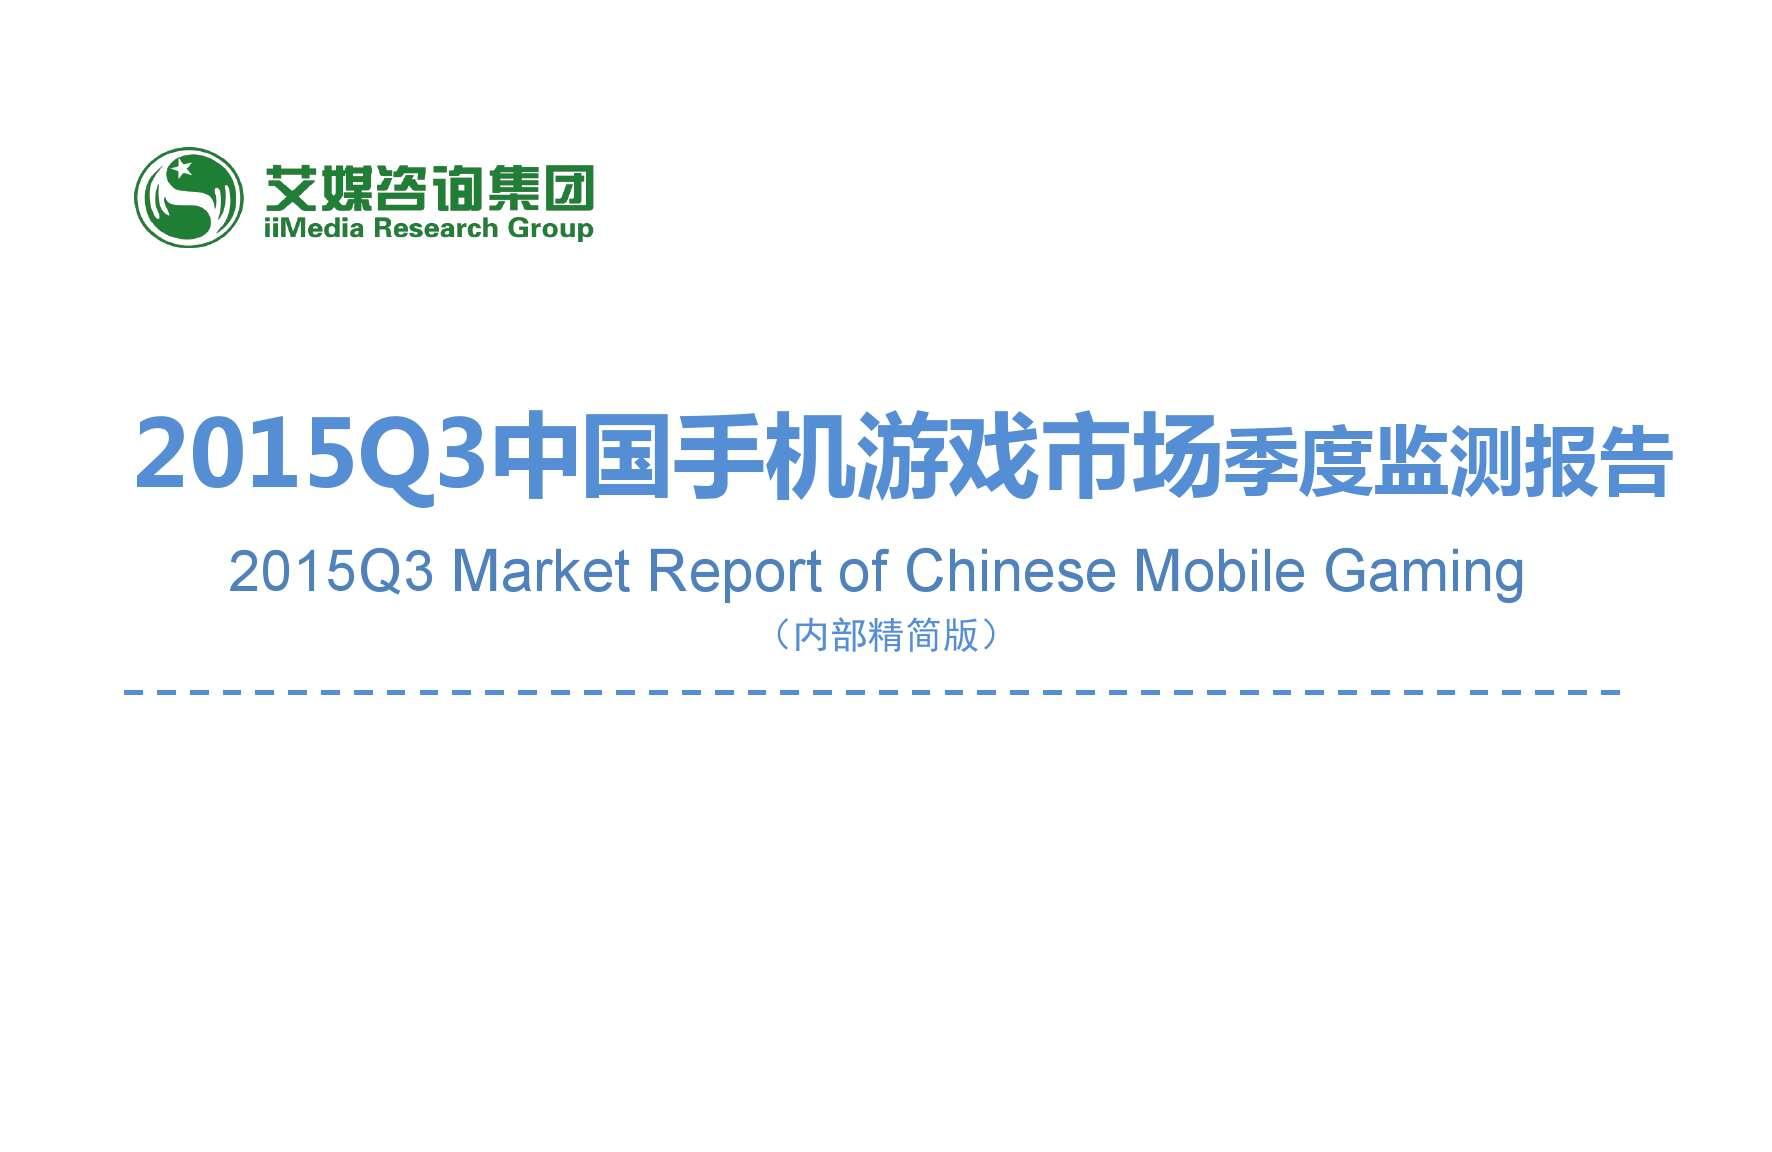 艾媒咨询:2015Q3中国手机游戏市场季度监测报告_000001